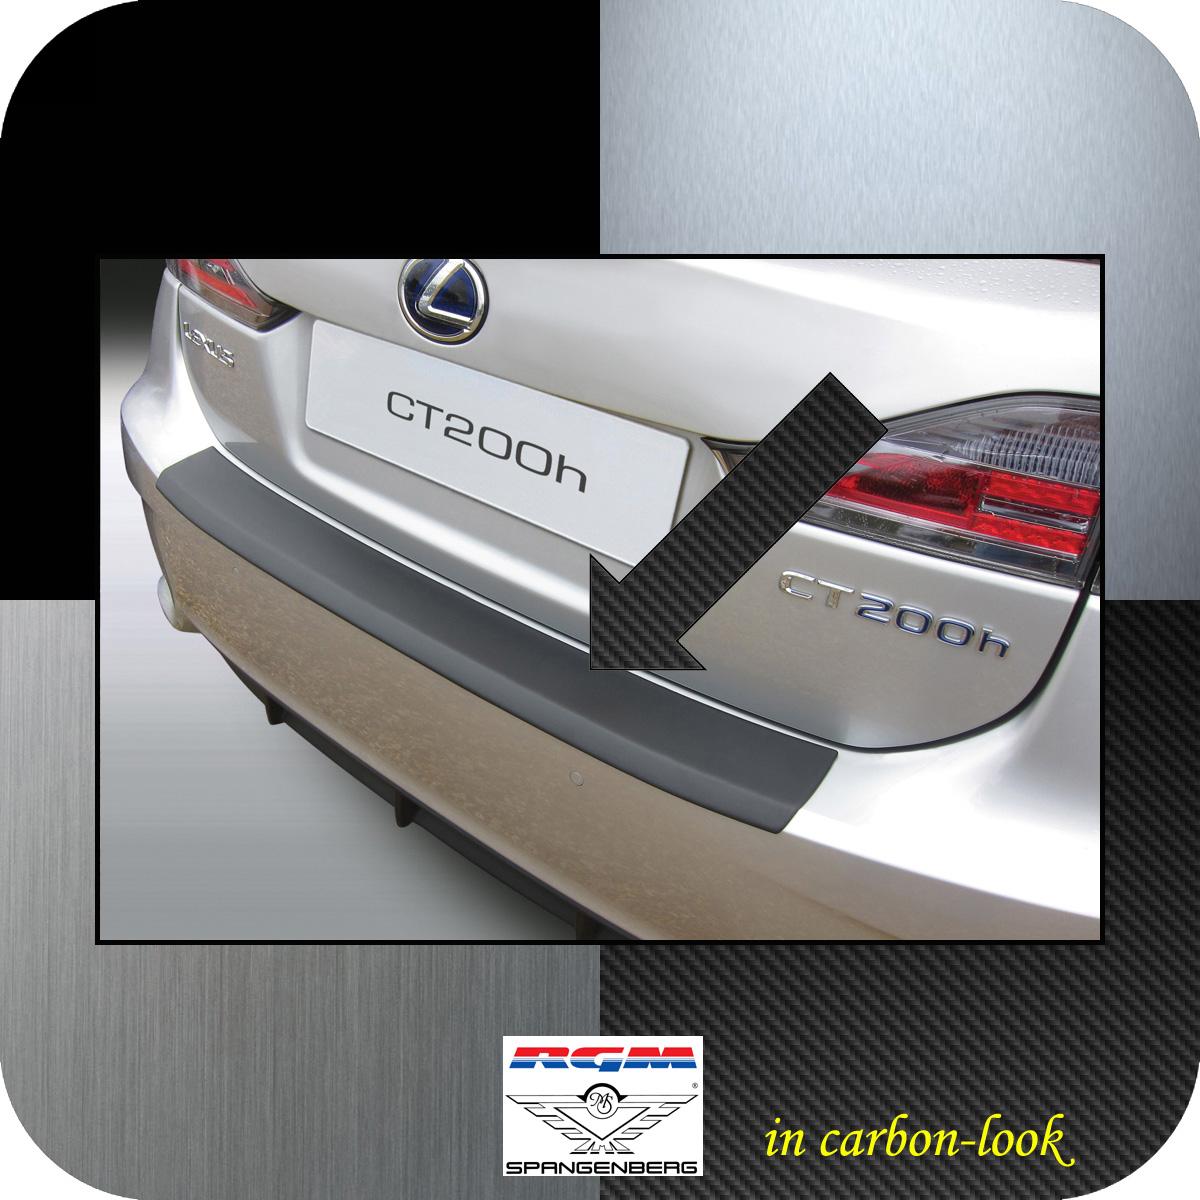 Ladekantenschutz Carbon-Look Lexus CT 200h 5-Türer ab facelift 2014- 3509728